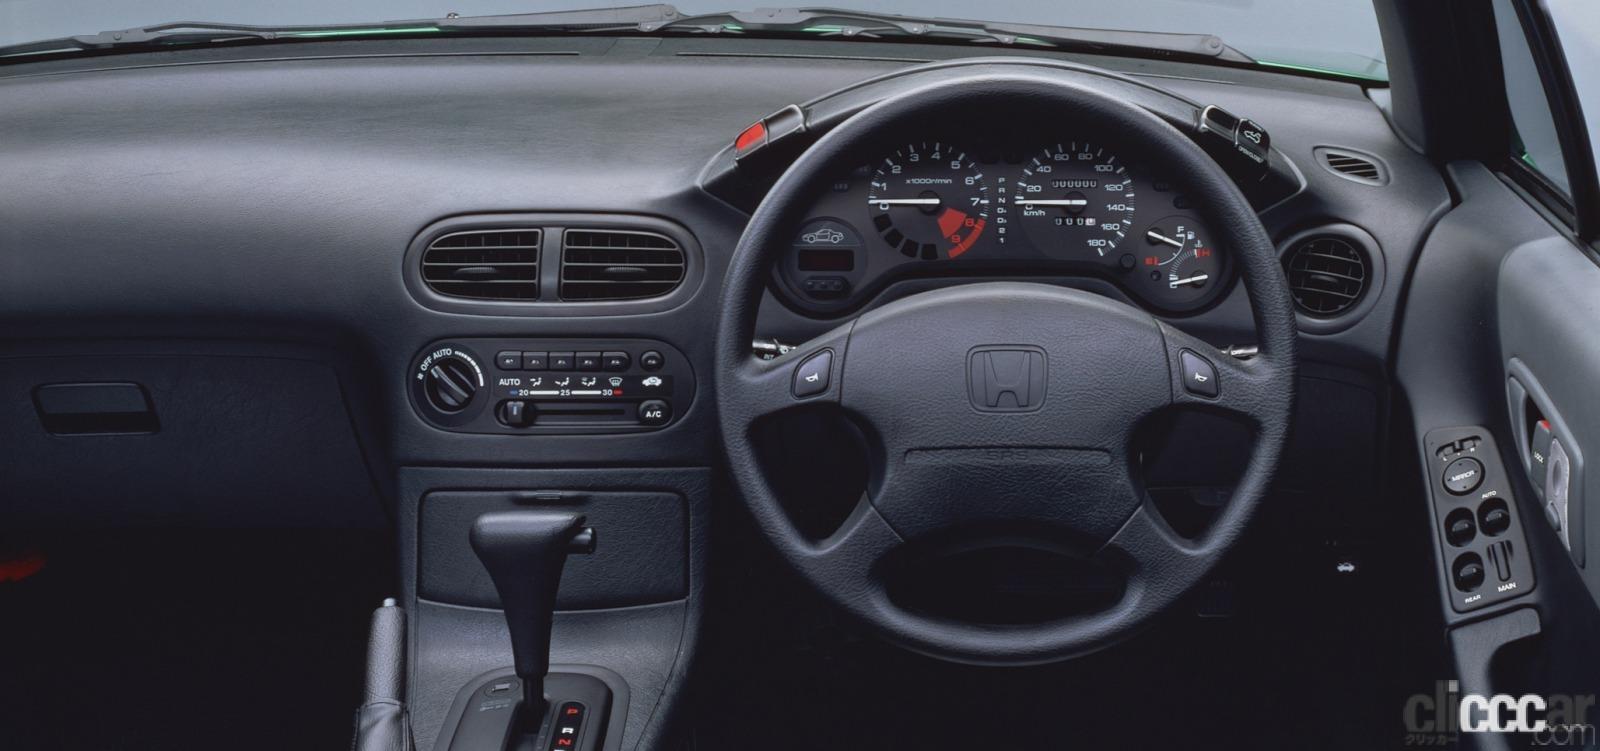 「ホンダ CR-Xデルソルが放つ南欧の光と風で、カタチも気分も変わる【ネオ・クラシックカー・グッドデザイン太鼓判「個性車編」第11回】」の4枚目の画像